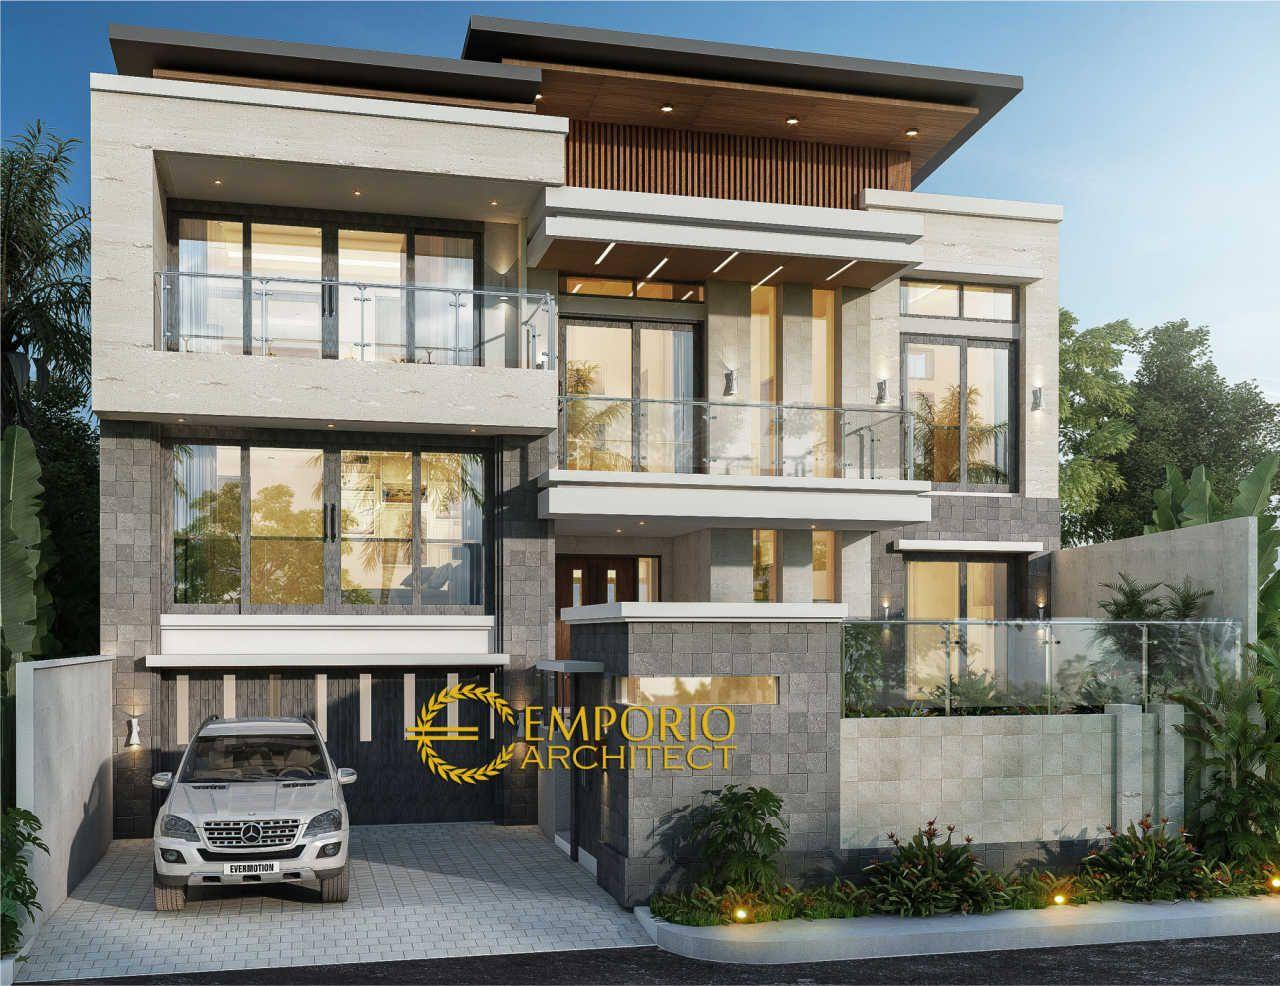 Desain Rumah Modern 2 5 Lantai Ibu Ilena Di Semarang Jasa Arsitek Desain Rumah Berkualitas Desain Villa Bali Modern Profesio Di 2020 Arsitek Desain Rumah Arsitektur